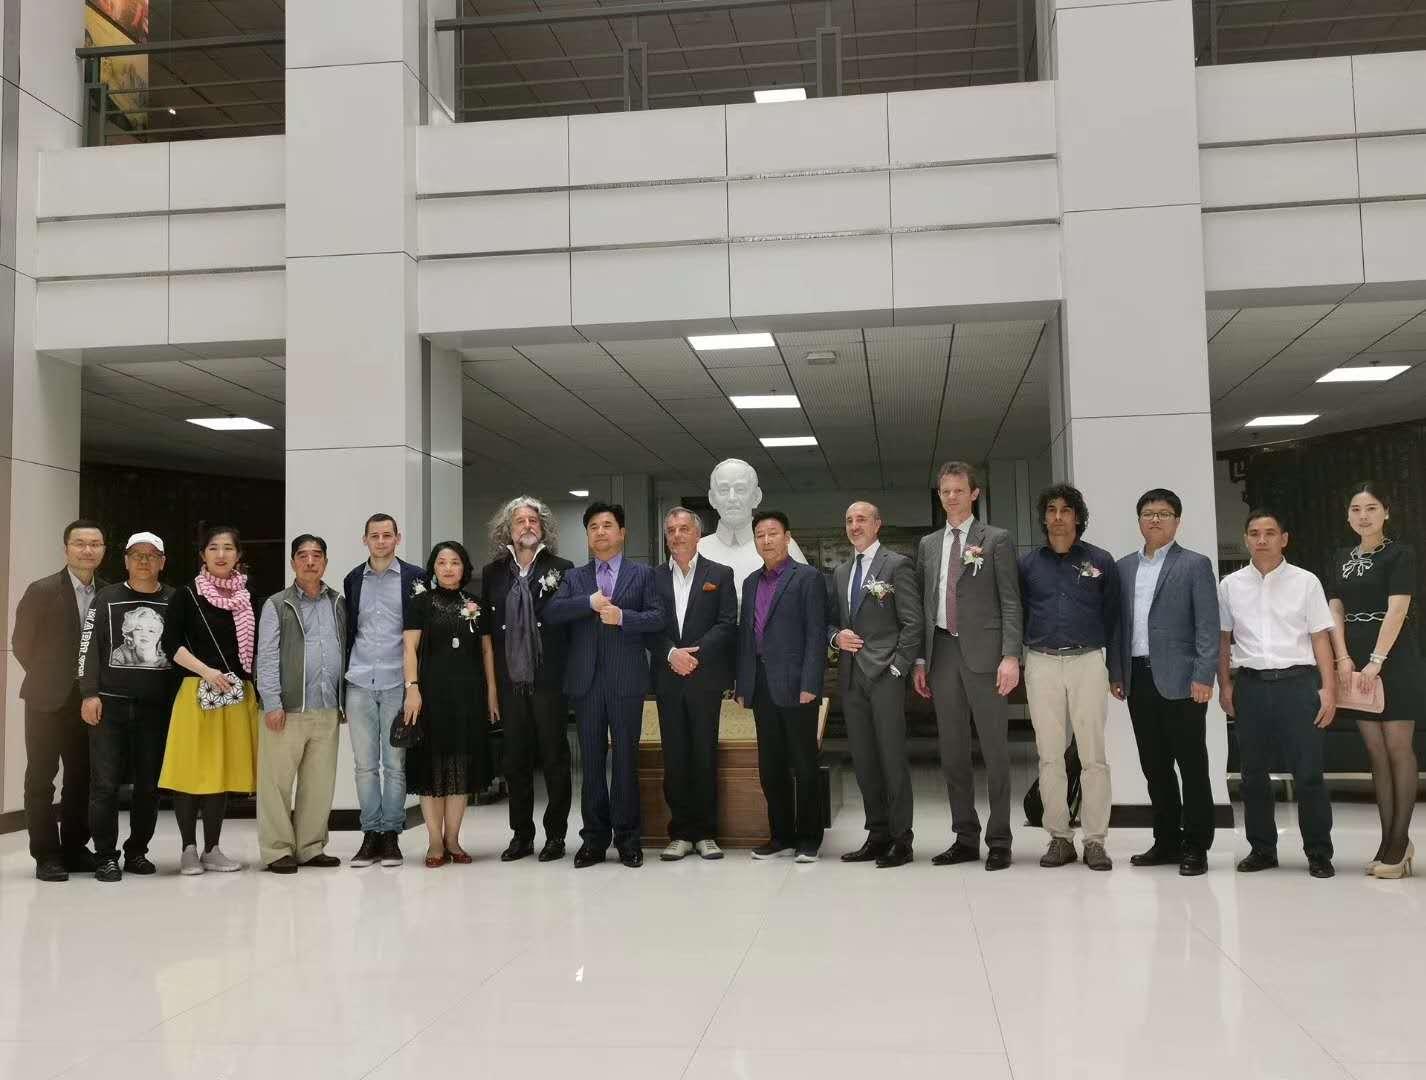 广东省时尚首饰及配饰协会与陕西服装工程学院达成校企合作意向